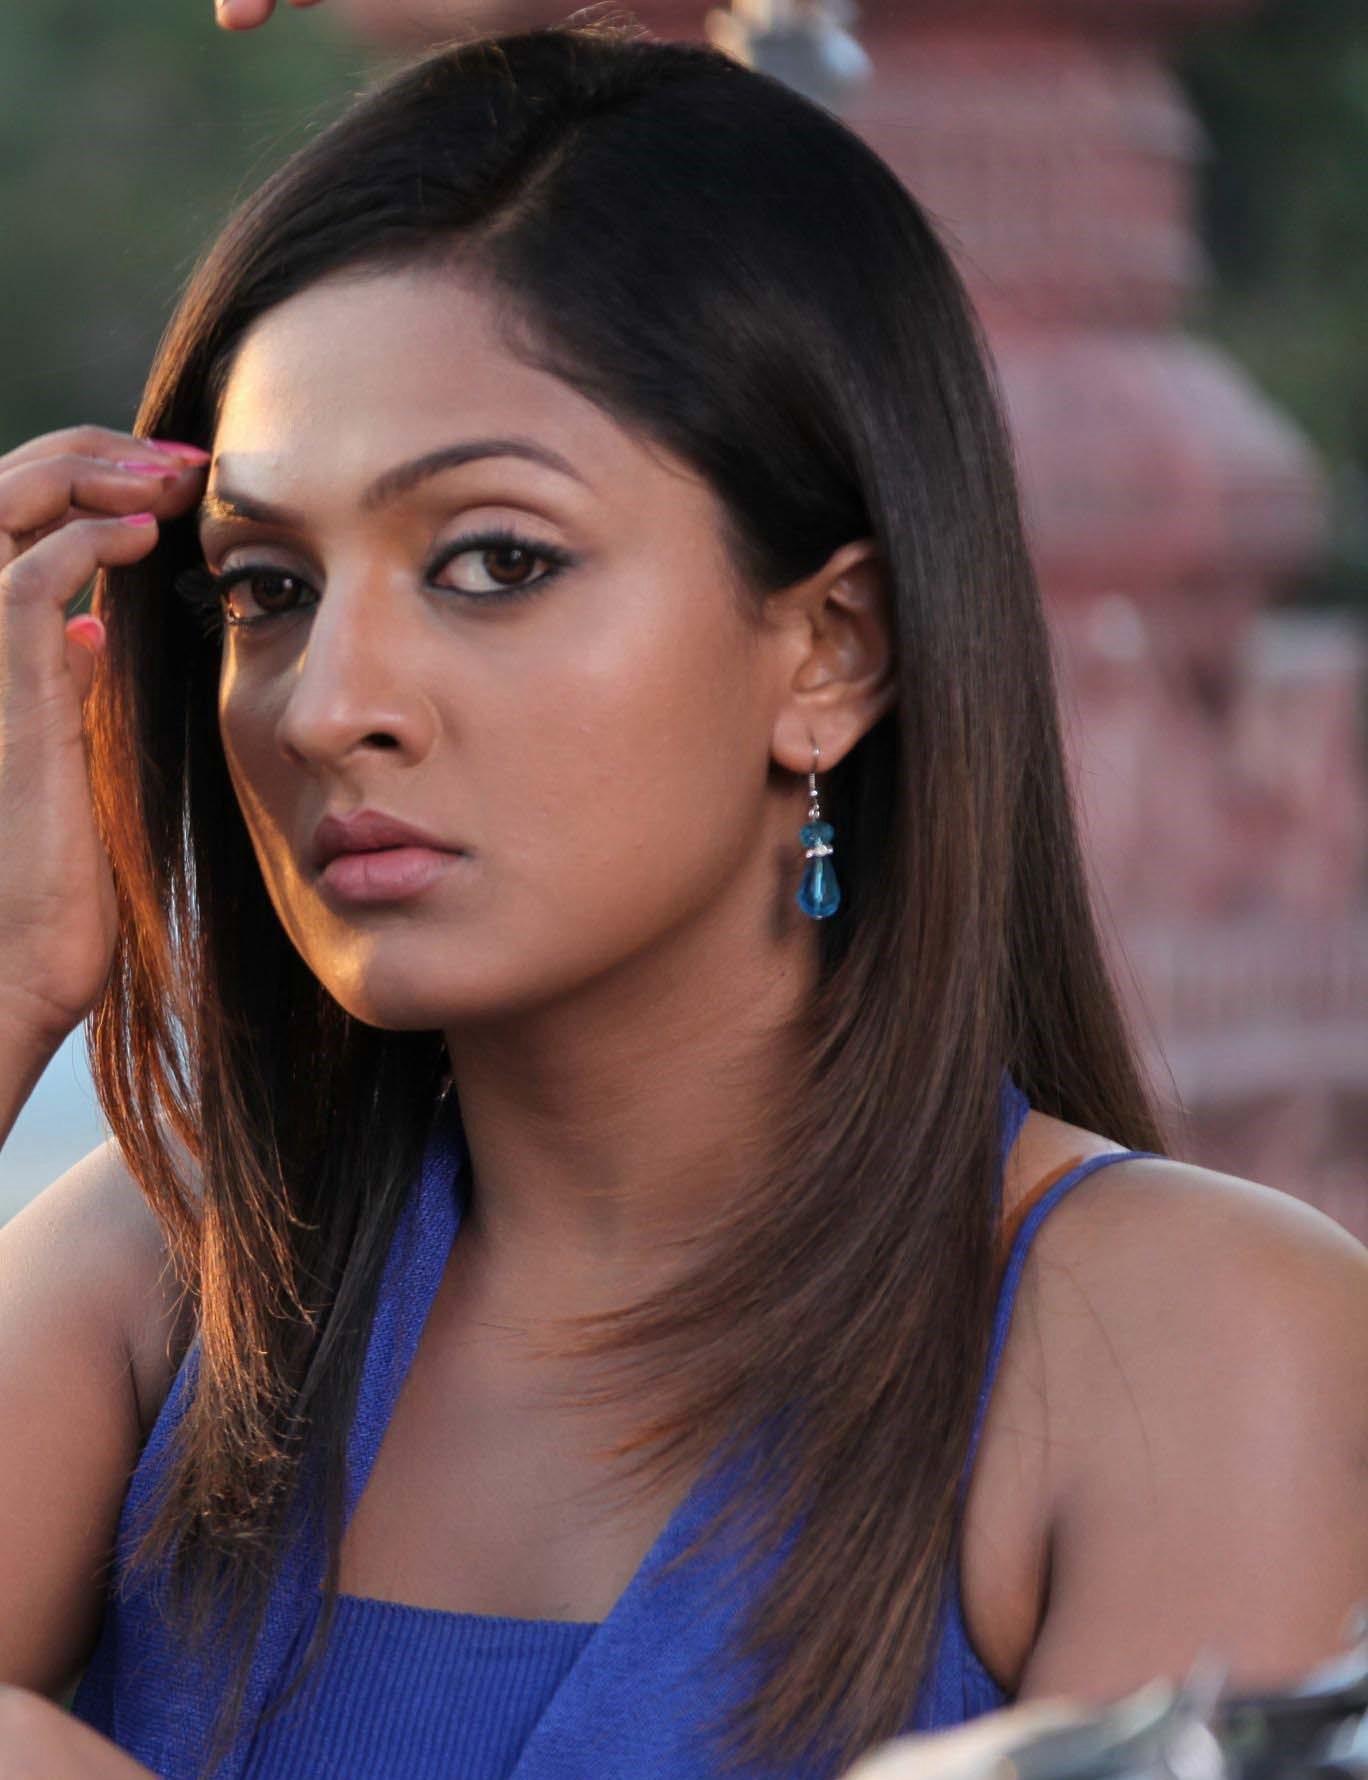 Sheela kaur face photos